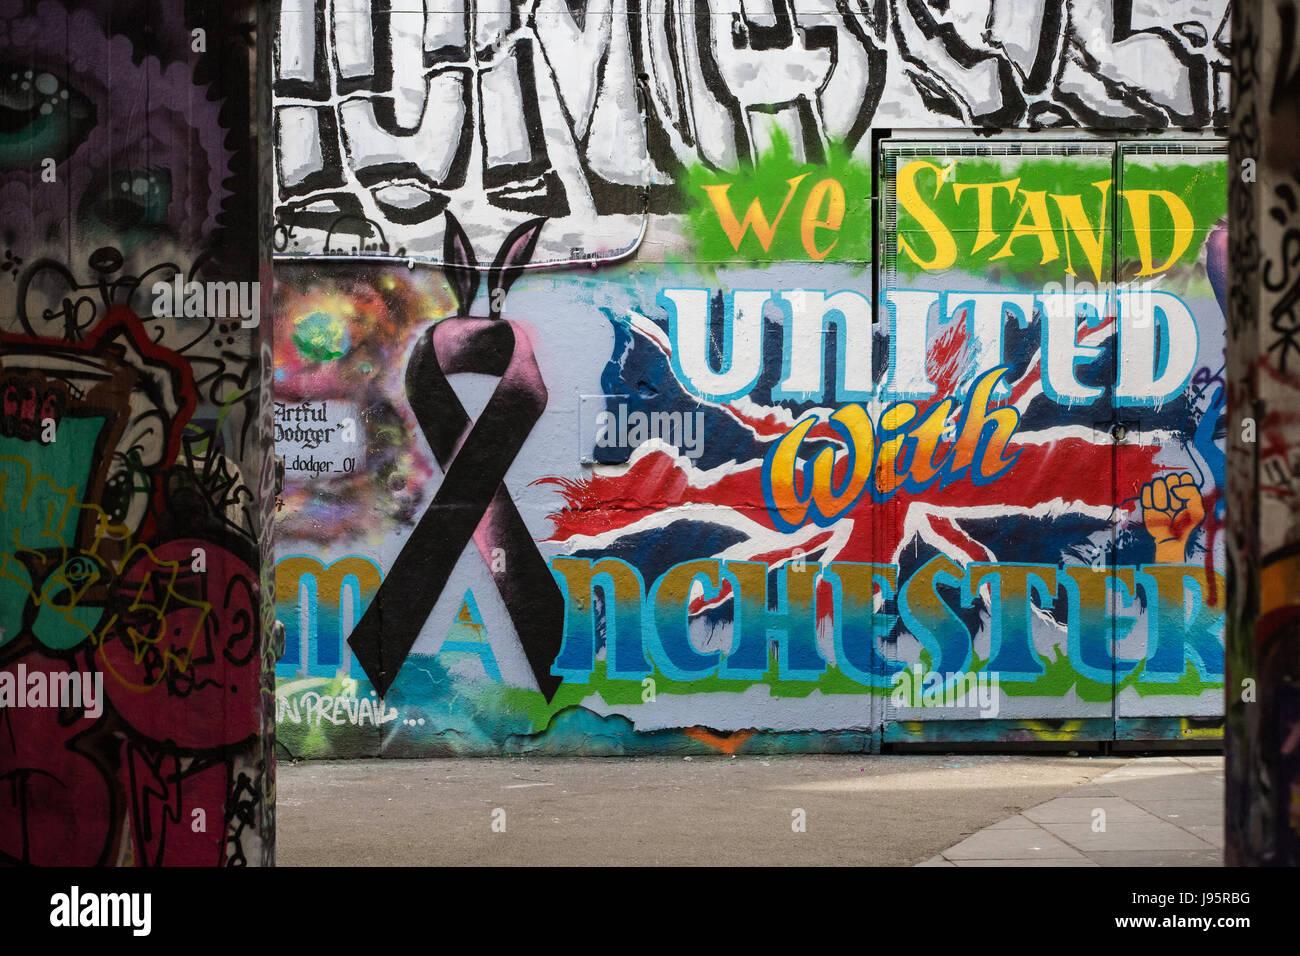 Londres, Royaume-Uni. 5 juin, 2017. Graffiti sur la rive sud se lit ' Nous sommes unis avec Manchester' Photo Stock